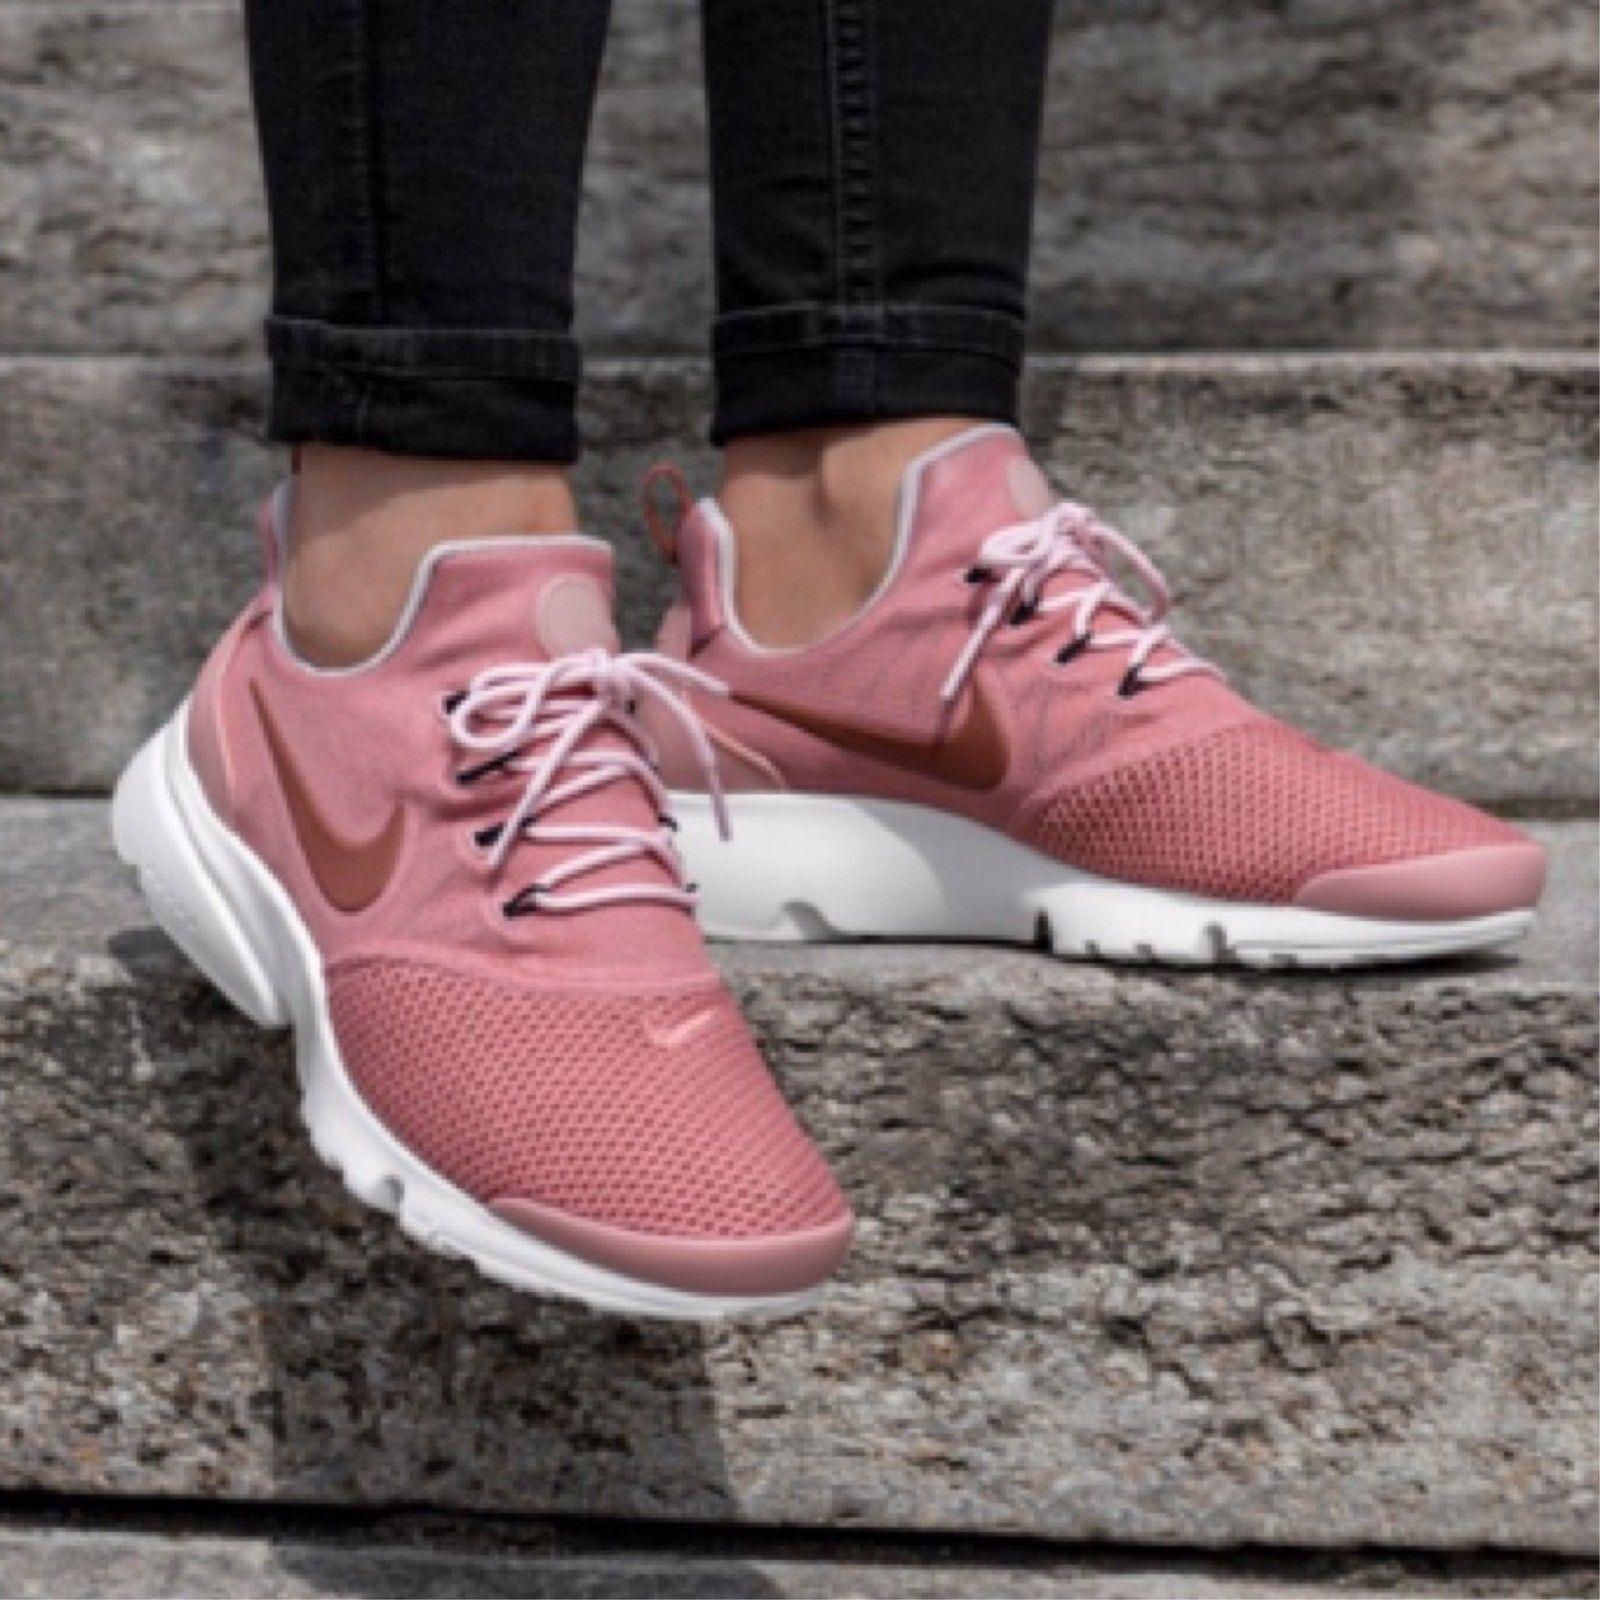 Da Donna Nike Presto 36.5 Fly Taglia 3.5 EUR 36.5 Presto (910569 601) Dusty Pink Peach a39410